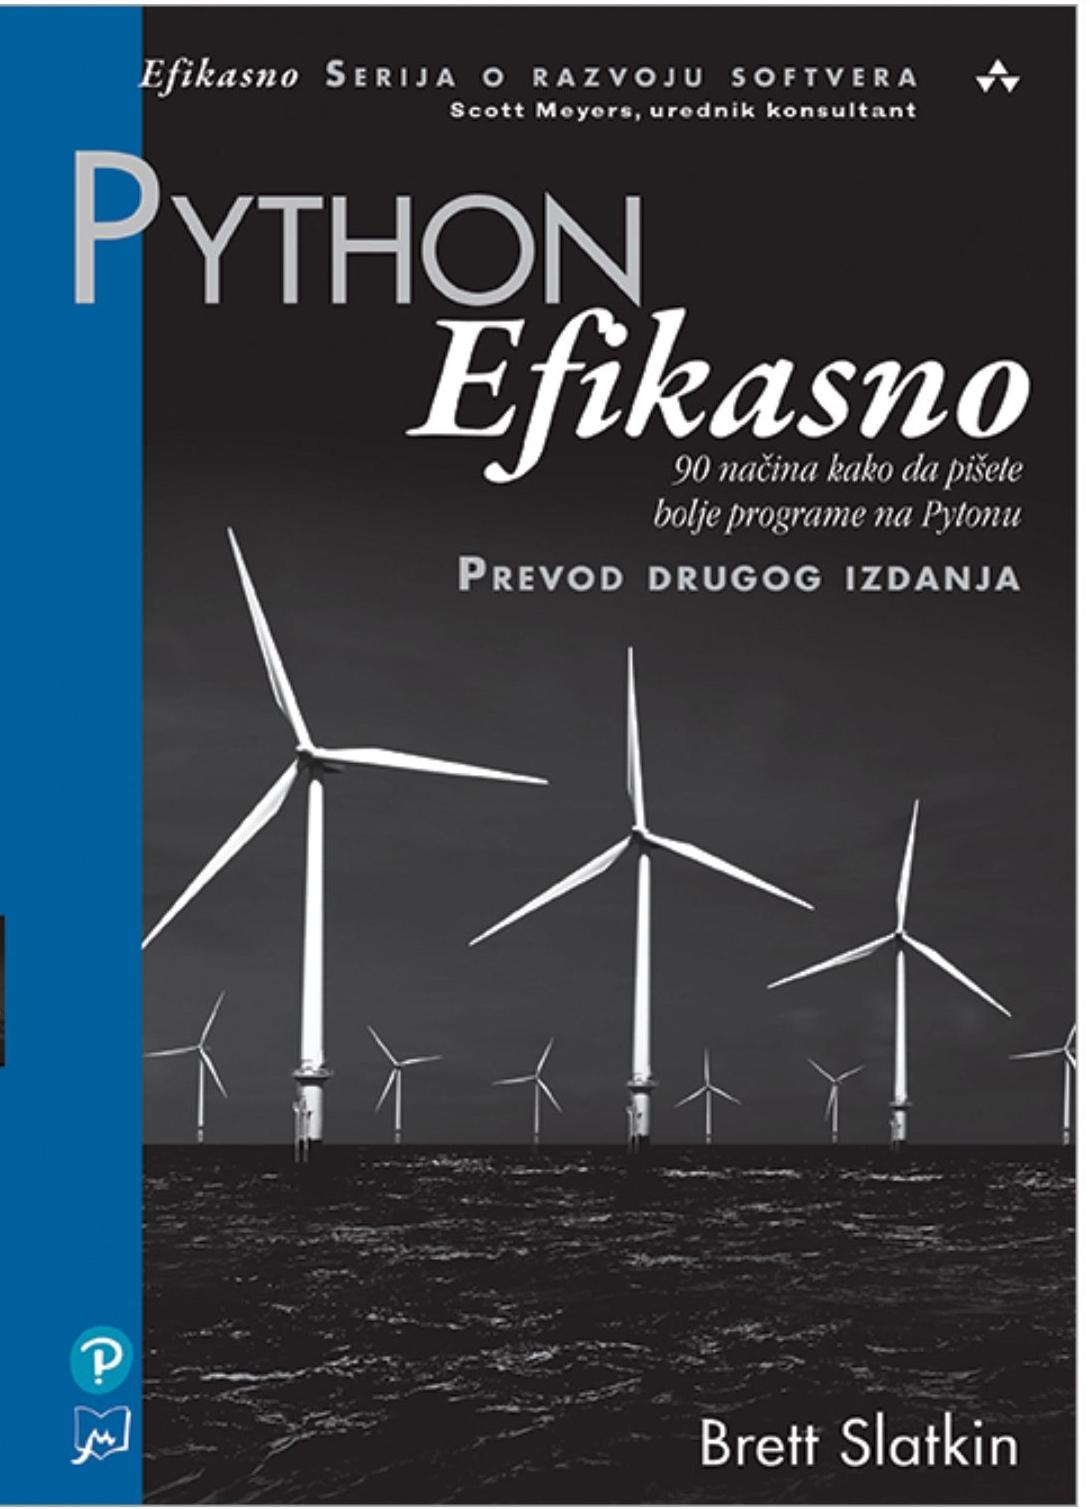 Python Efikasno: 90 načina kako da pišete bolje programe na Pythonu